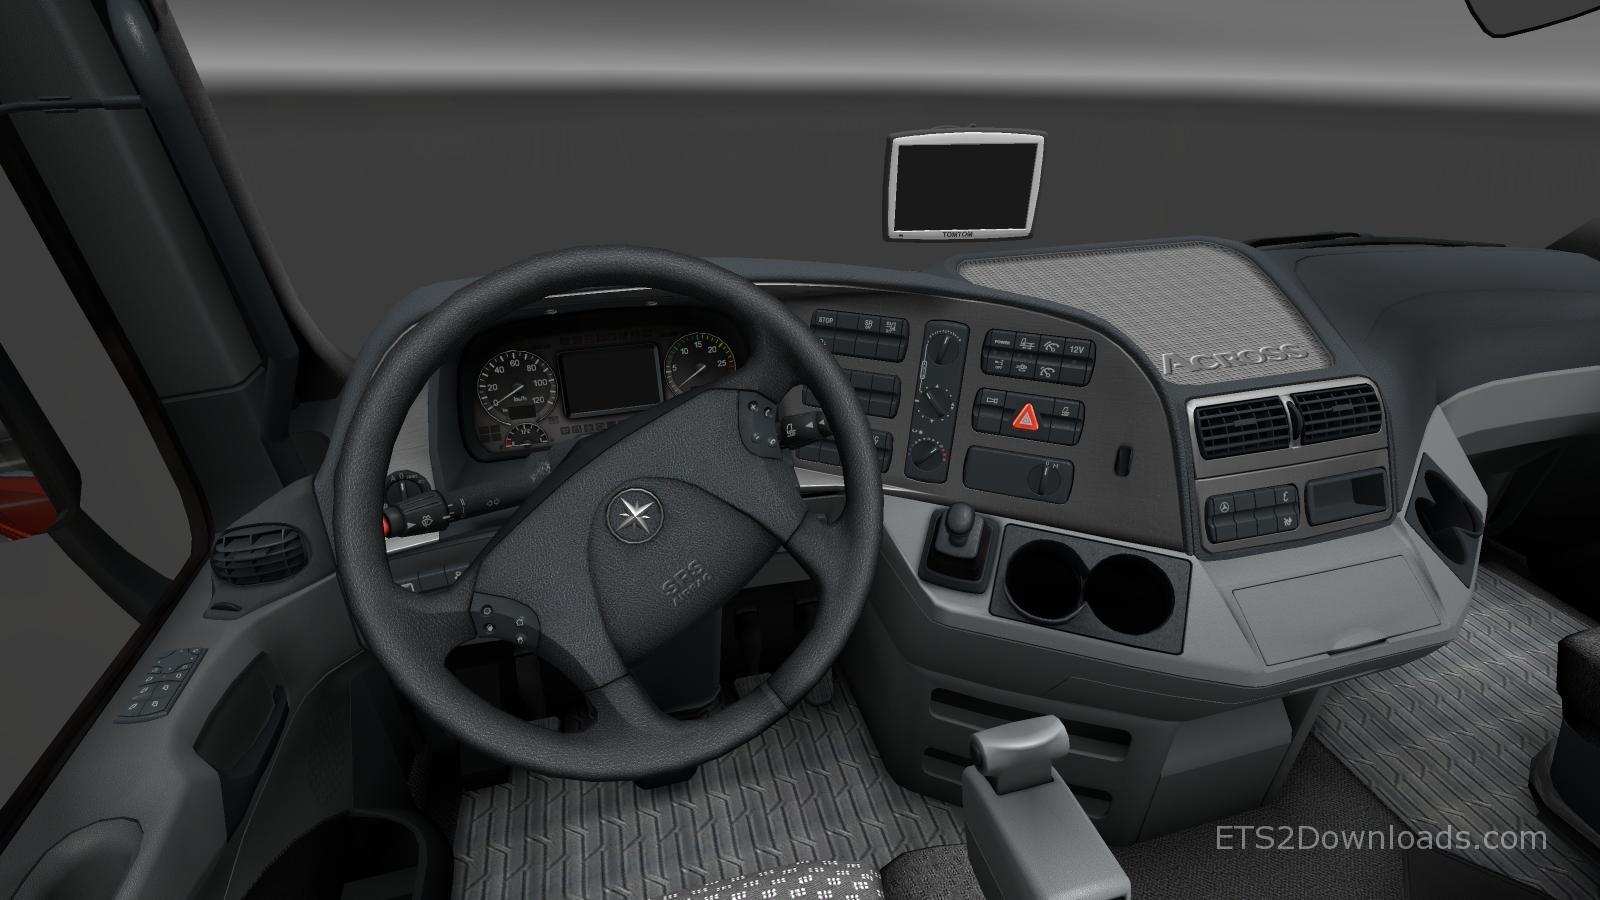 tomtom-gps-for-all-trucks-1